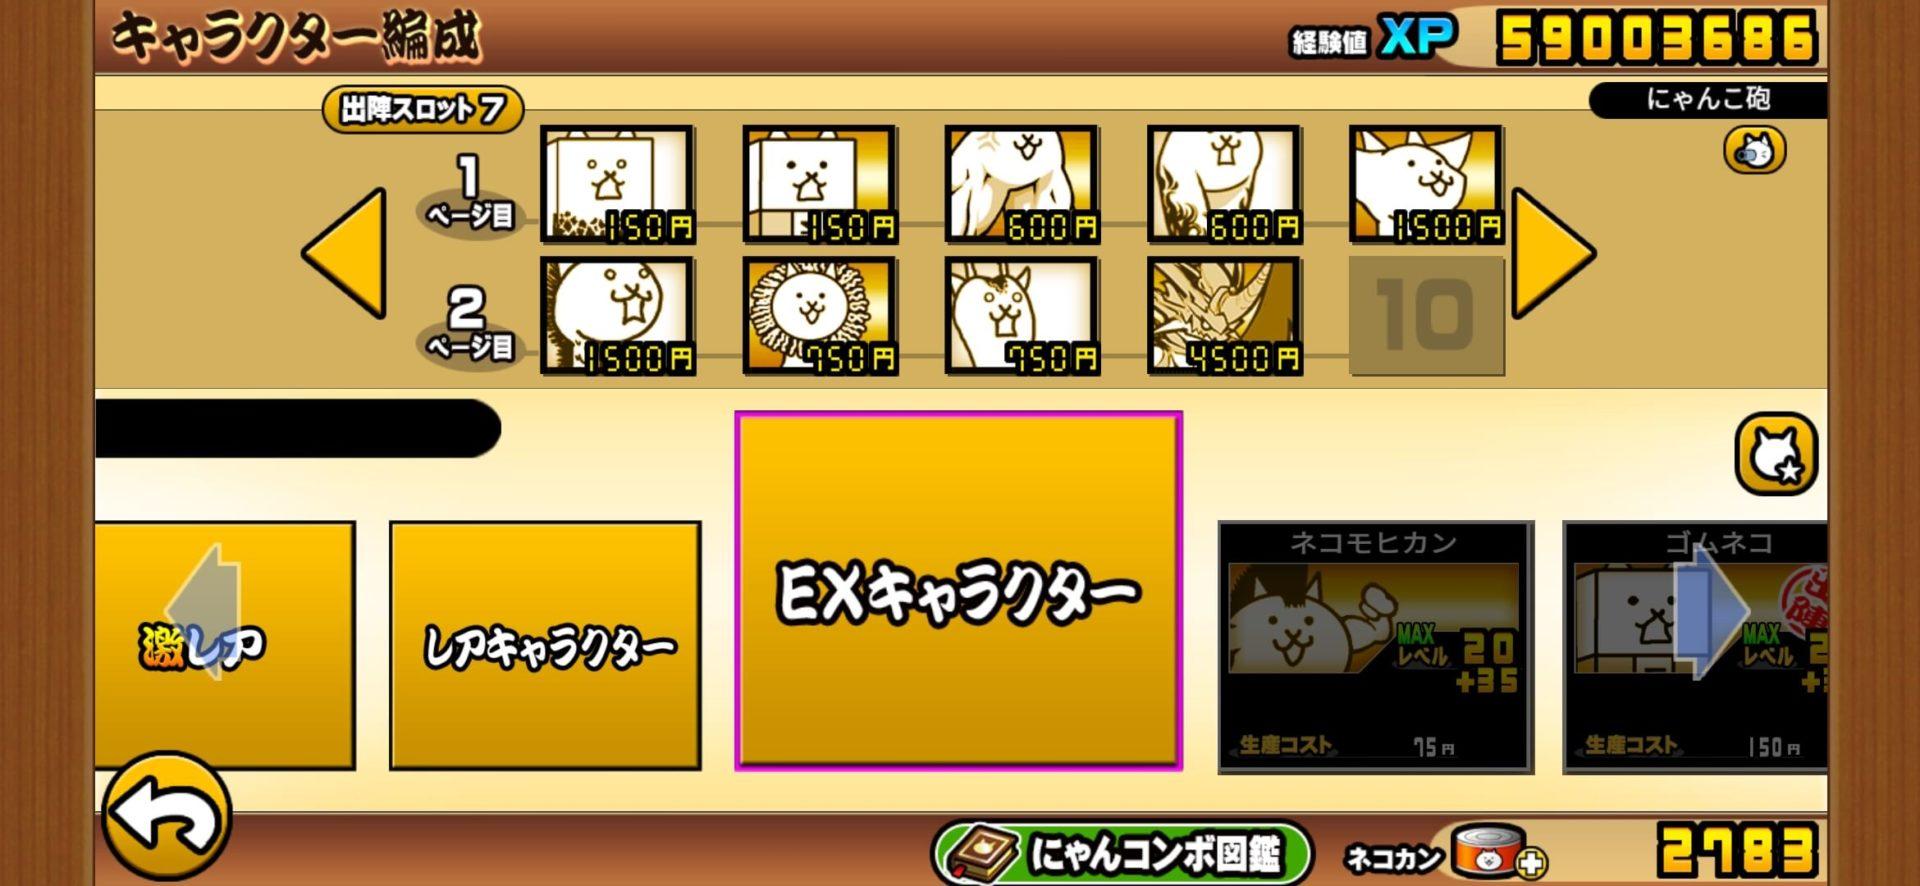 暴走Lv.20で使用したネコ